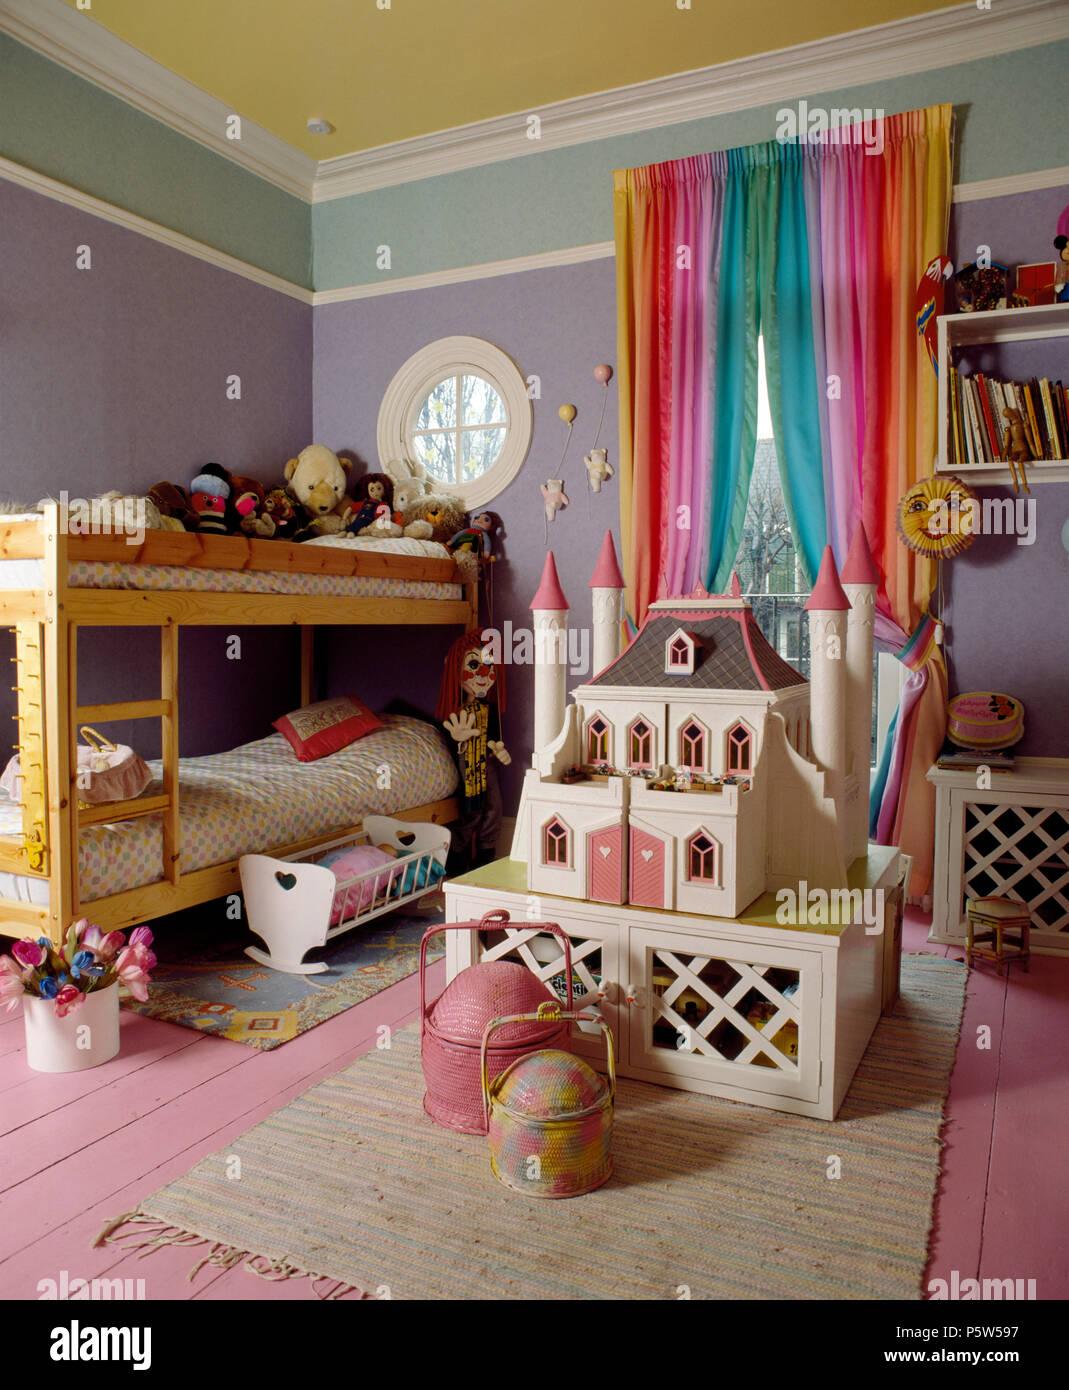 Letti A Castello Rosa.Fiaba Doll S House E Letti A Castello In Bambini Camera Da Letto